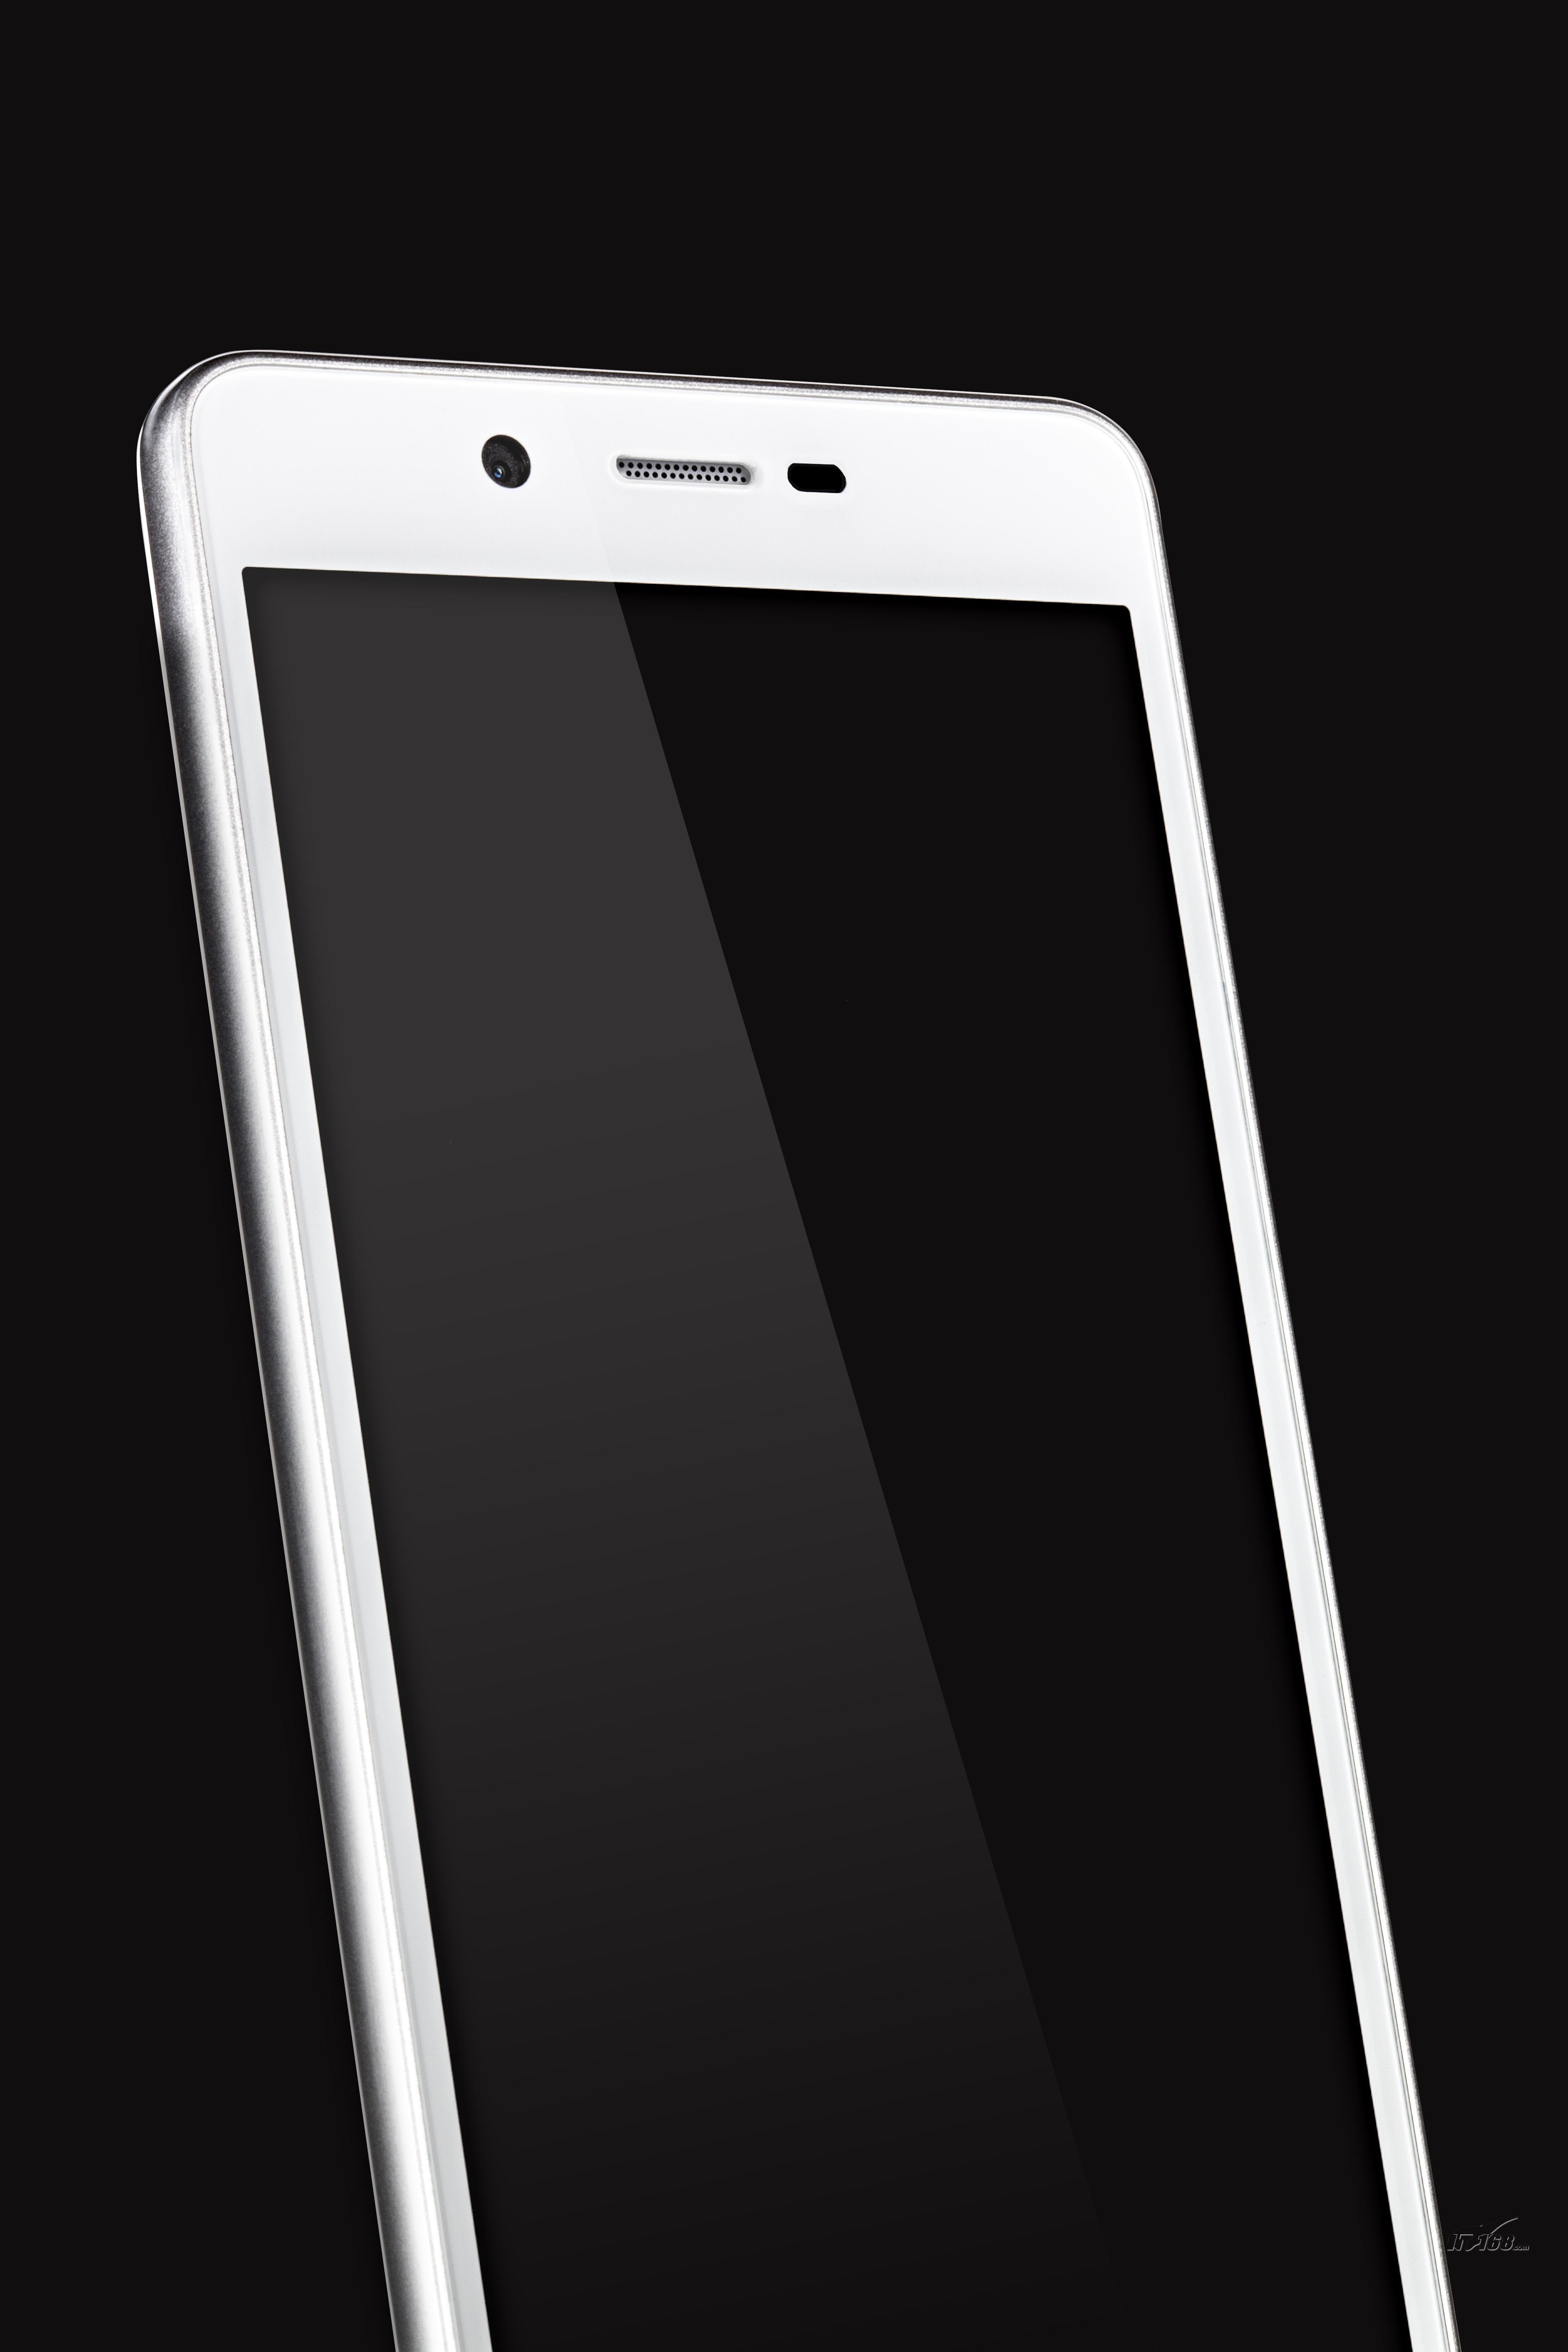 金立gn152 玉石白 移动4g手机产品图片4素材-it168